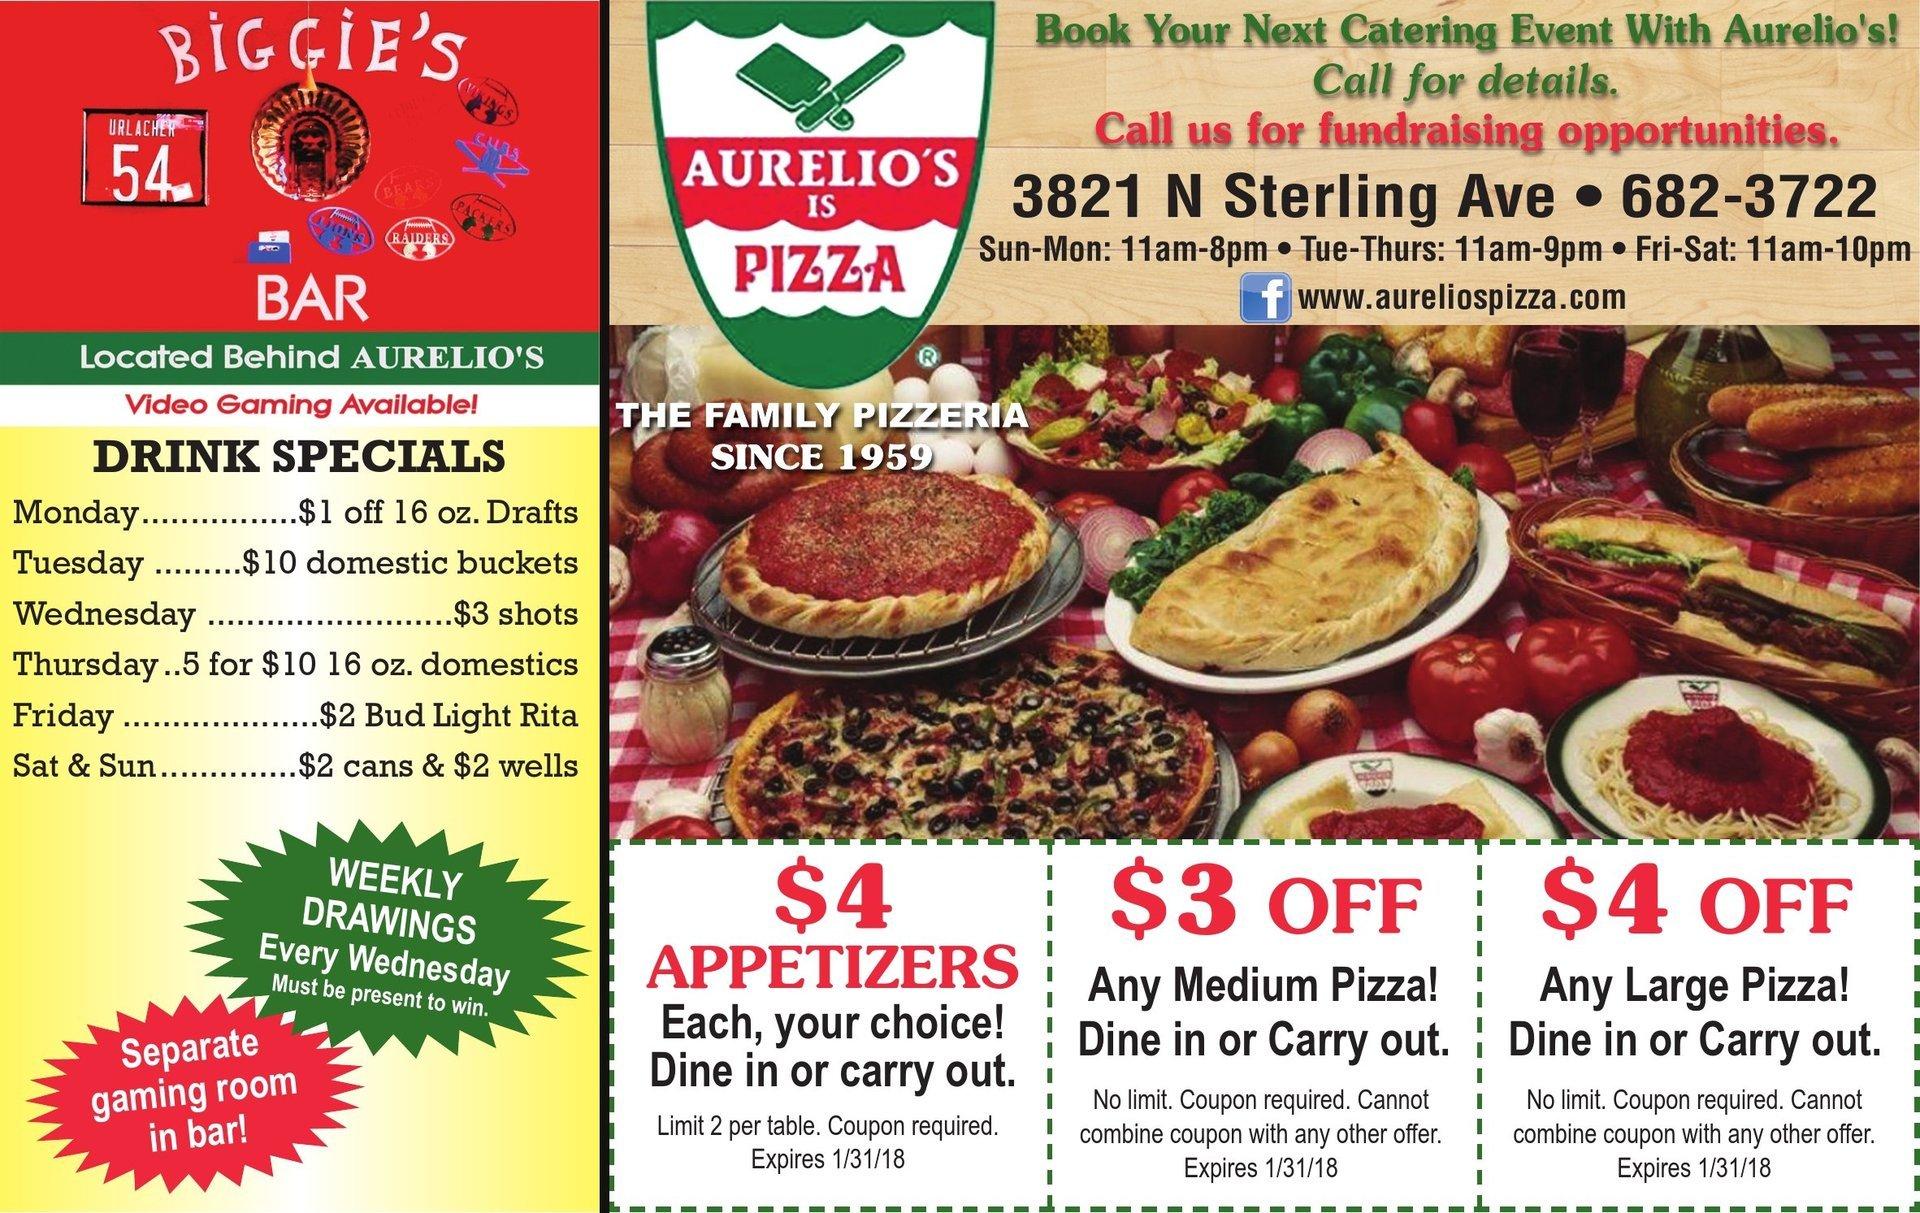 Aurelio's Is Pizza coupons and Biggie's Bar Peoria, IL